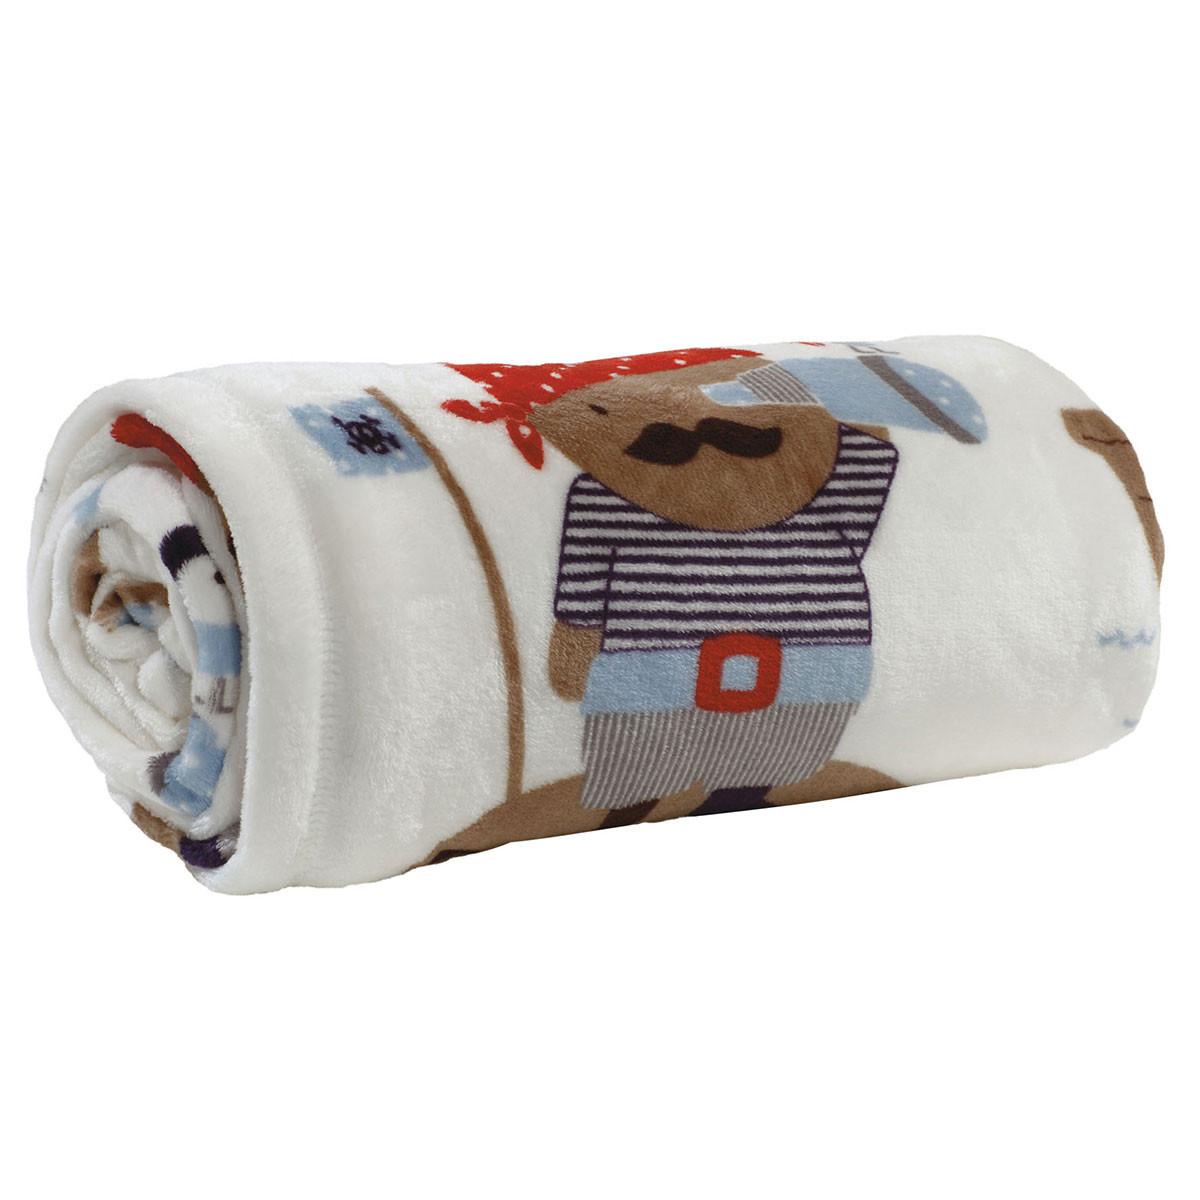 κουβέρτα-fleece-μονή-das-home-kid-prints-4653 (1)